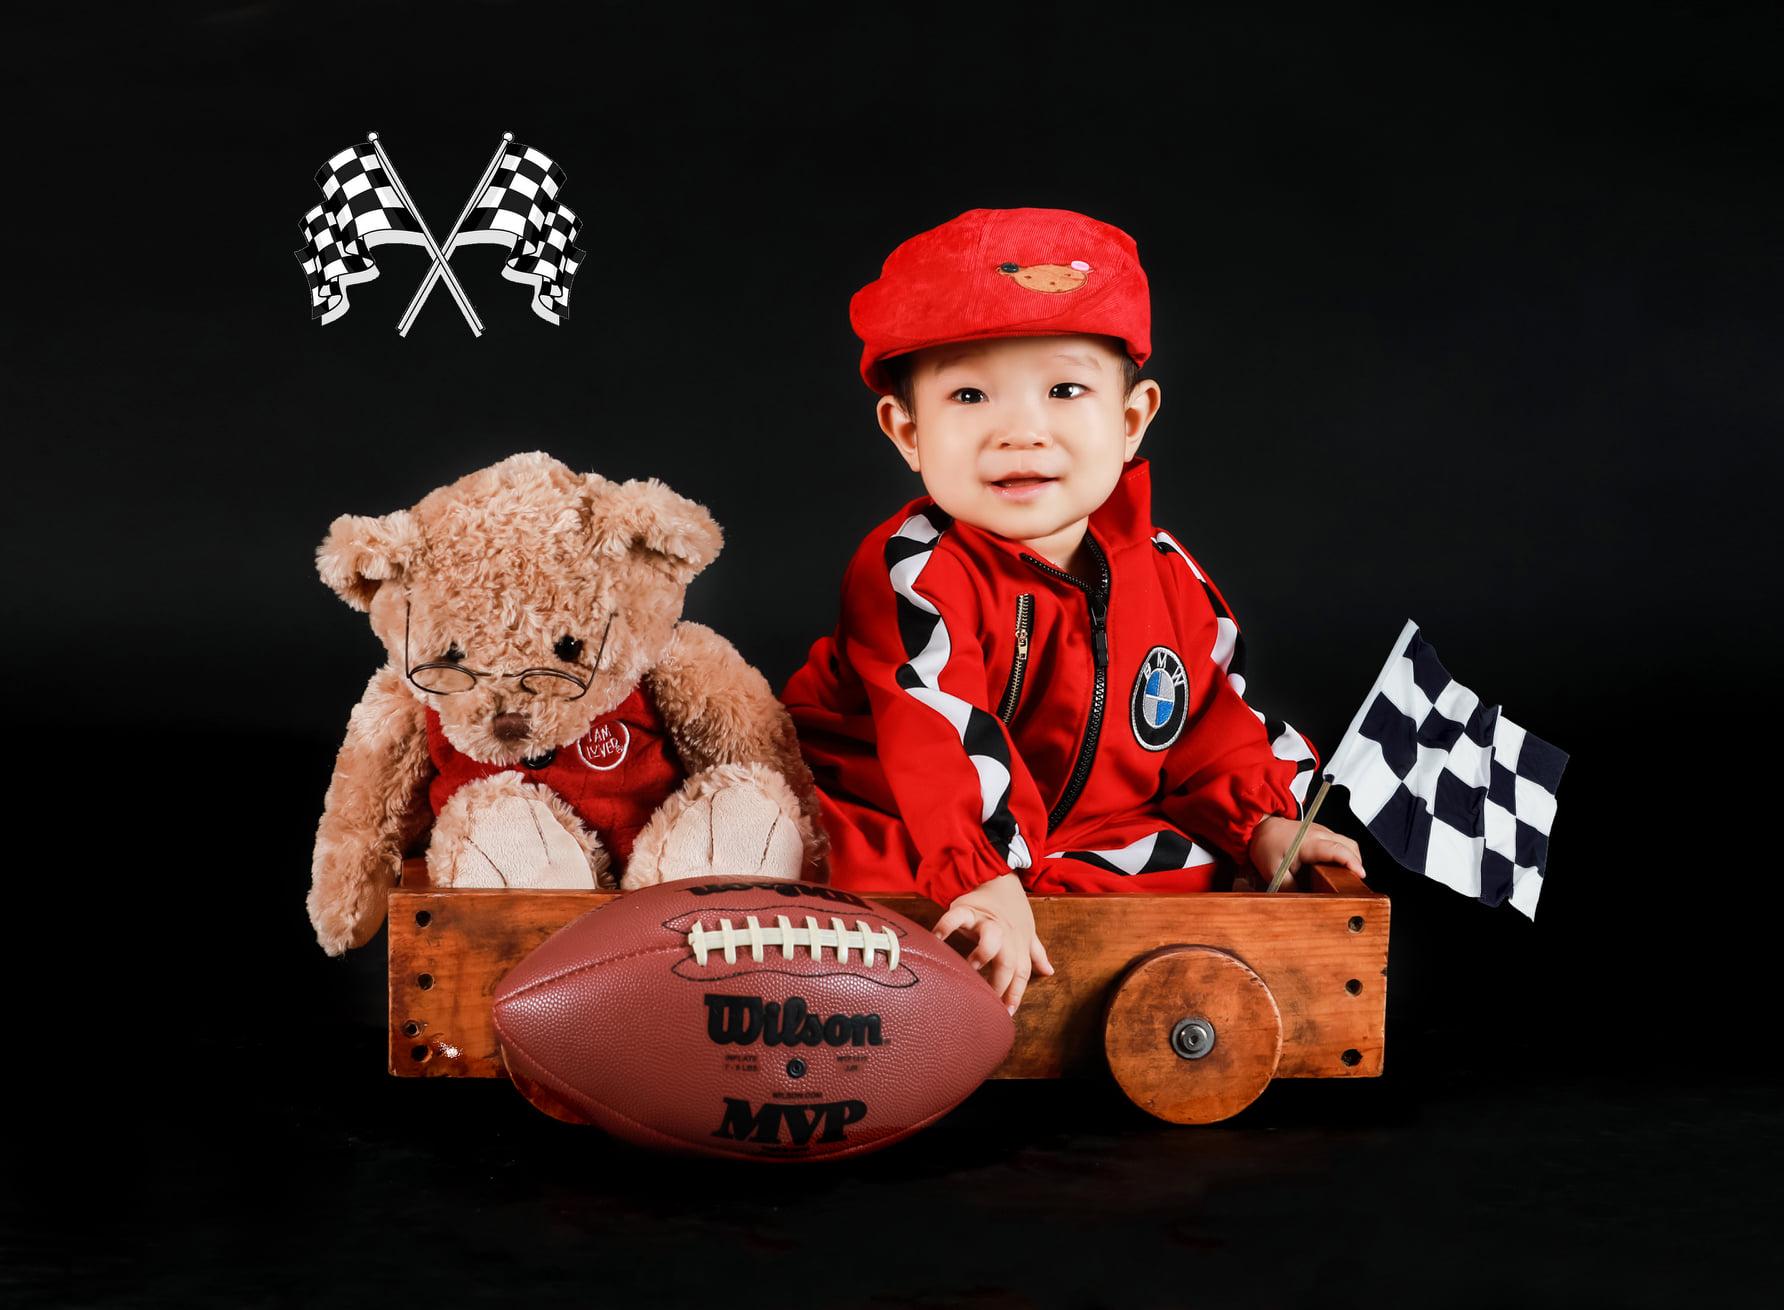 Top 9 studio chụp ảnh cho bé đẹp và chất lượng nhất Biên Hòa, Đồng Nai - Baby Studio - Chụp Ảnh Cho Bé Biên Hòa